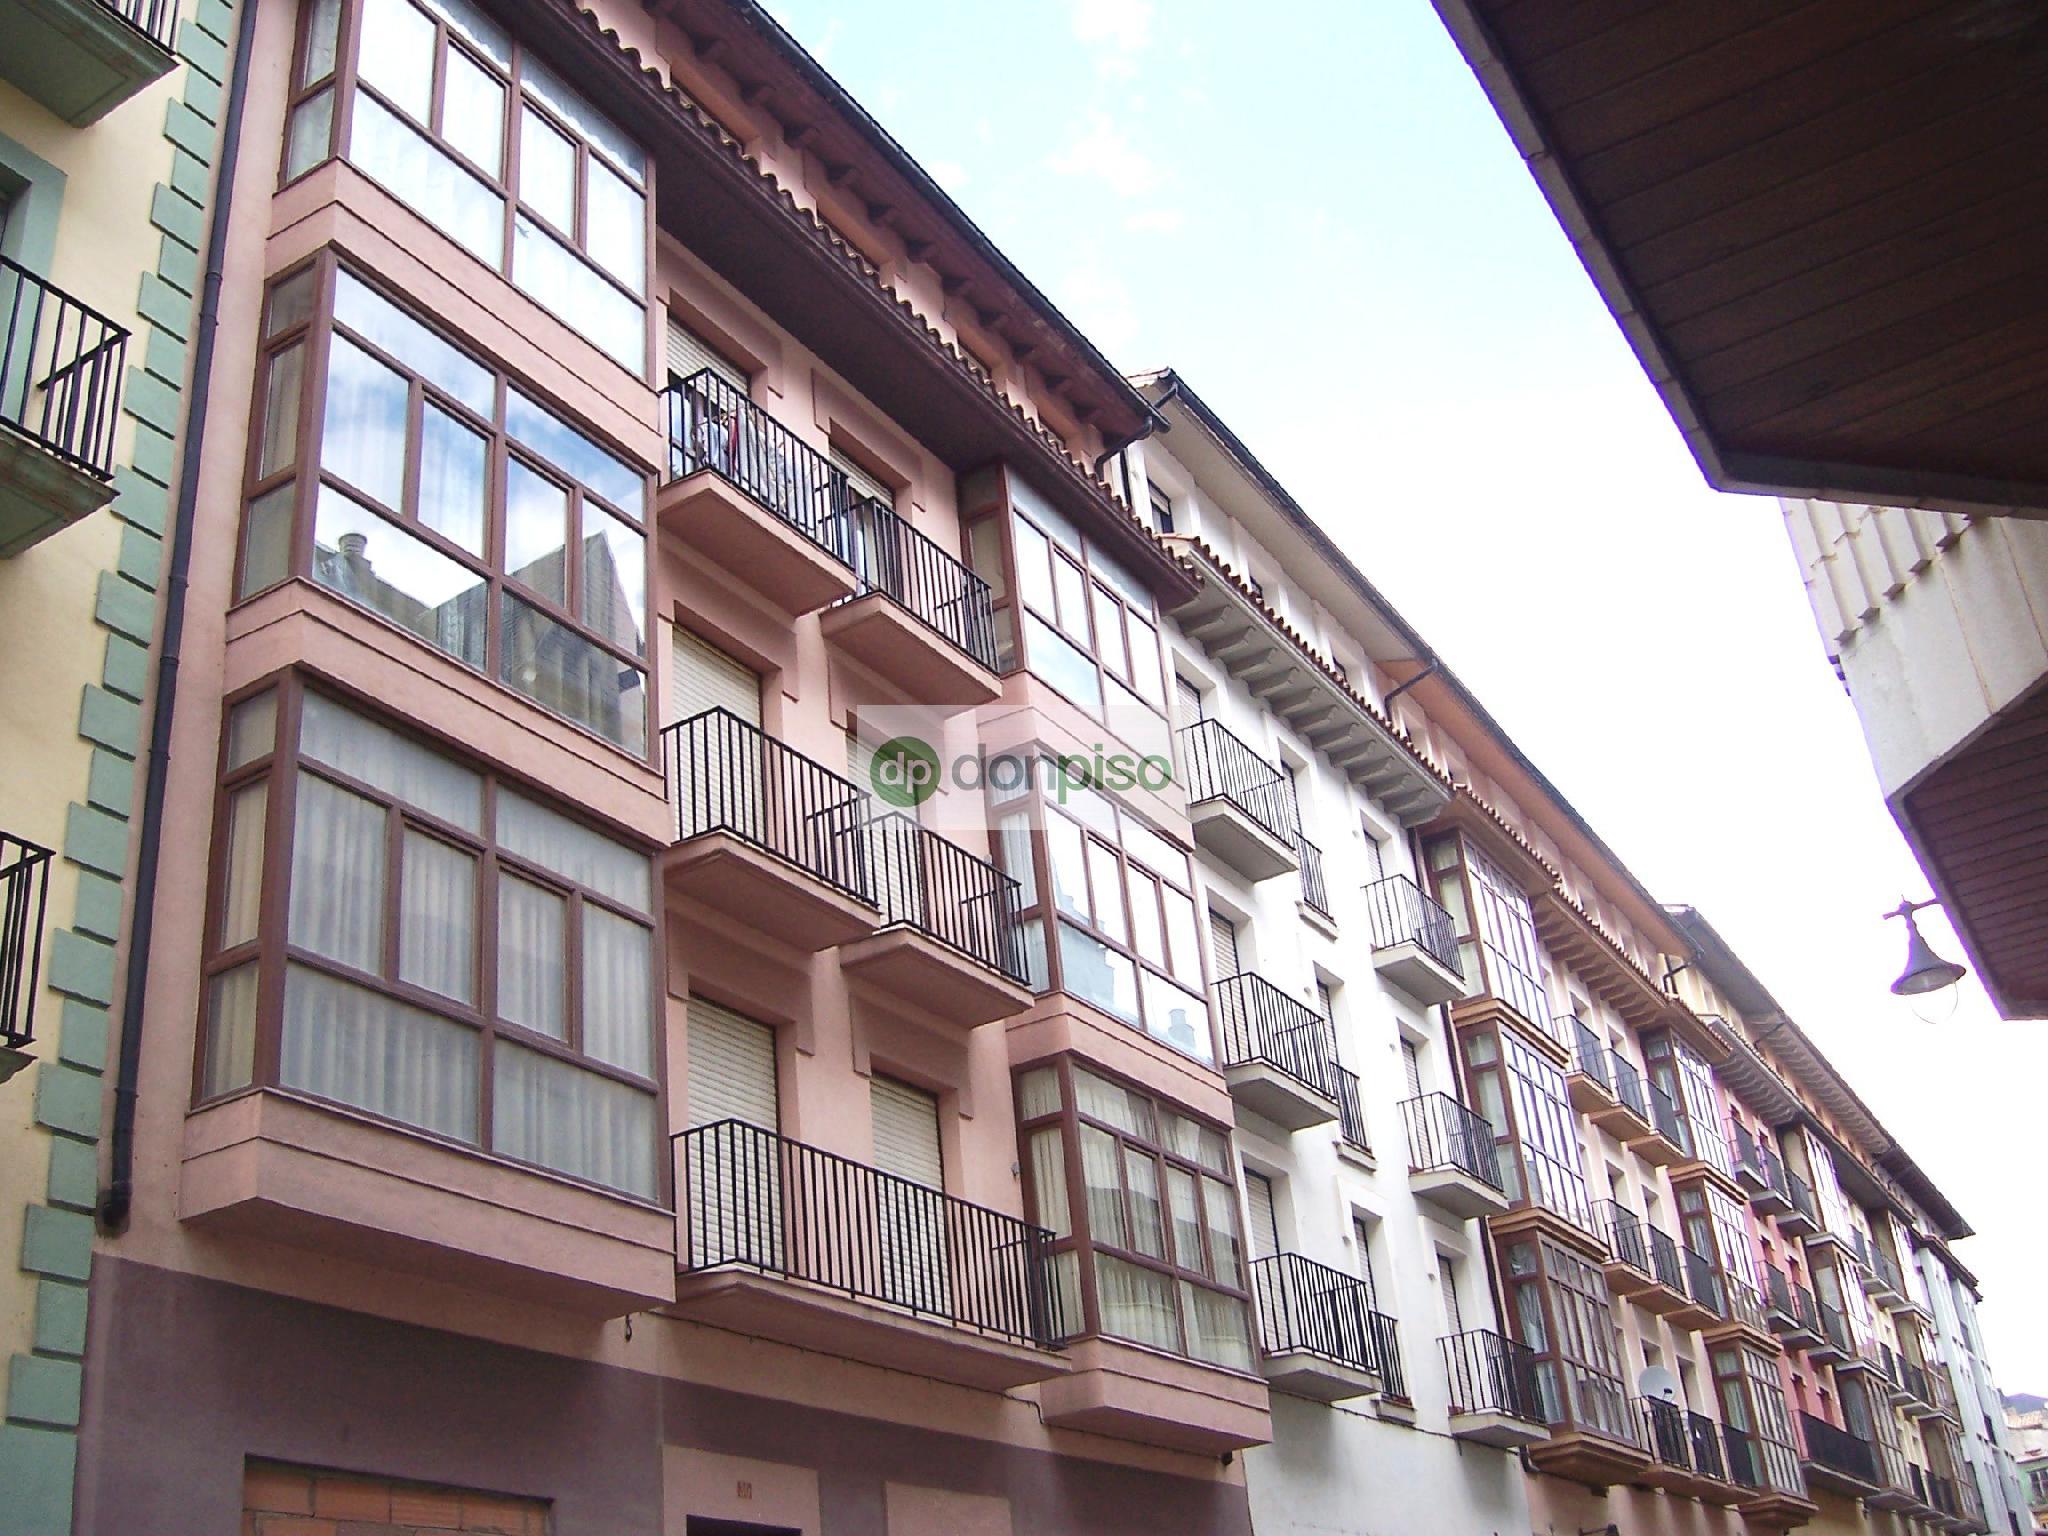 159697 - Entre la calle Mayor y la avenida Oroel